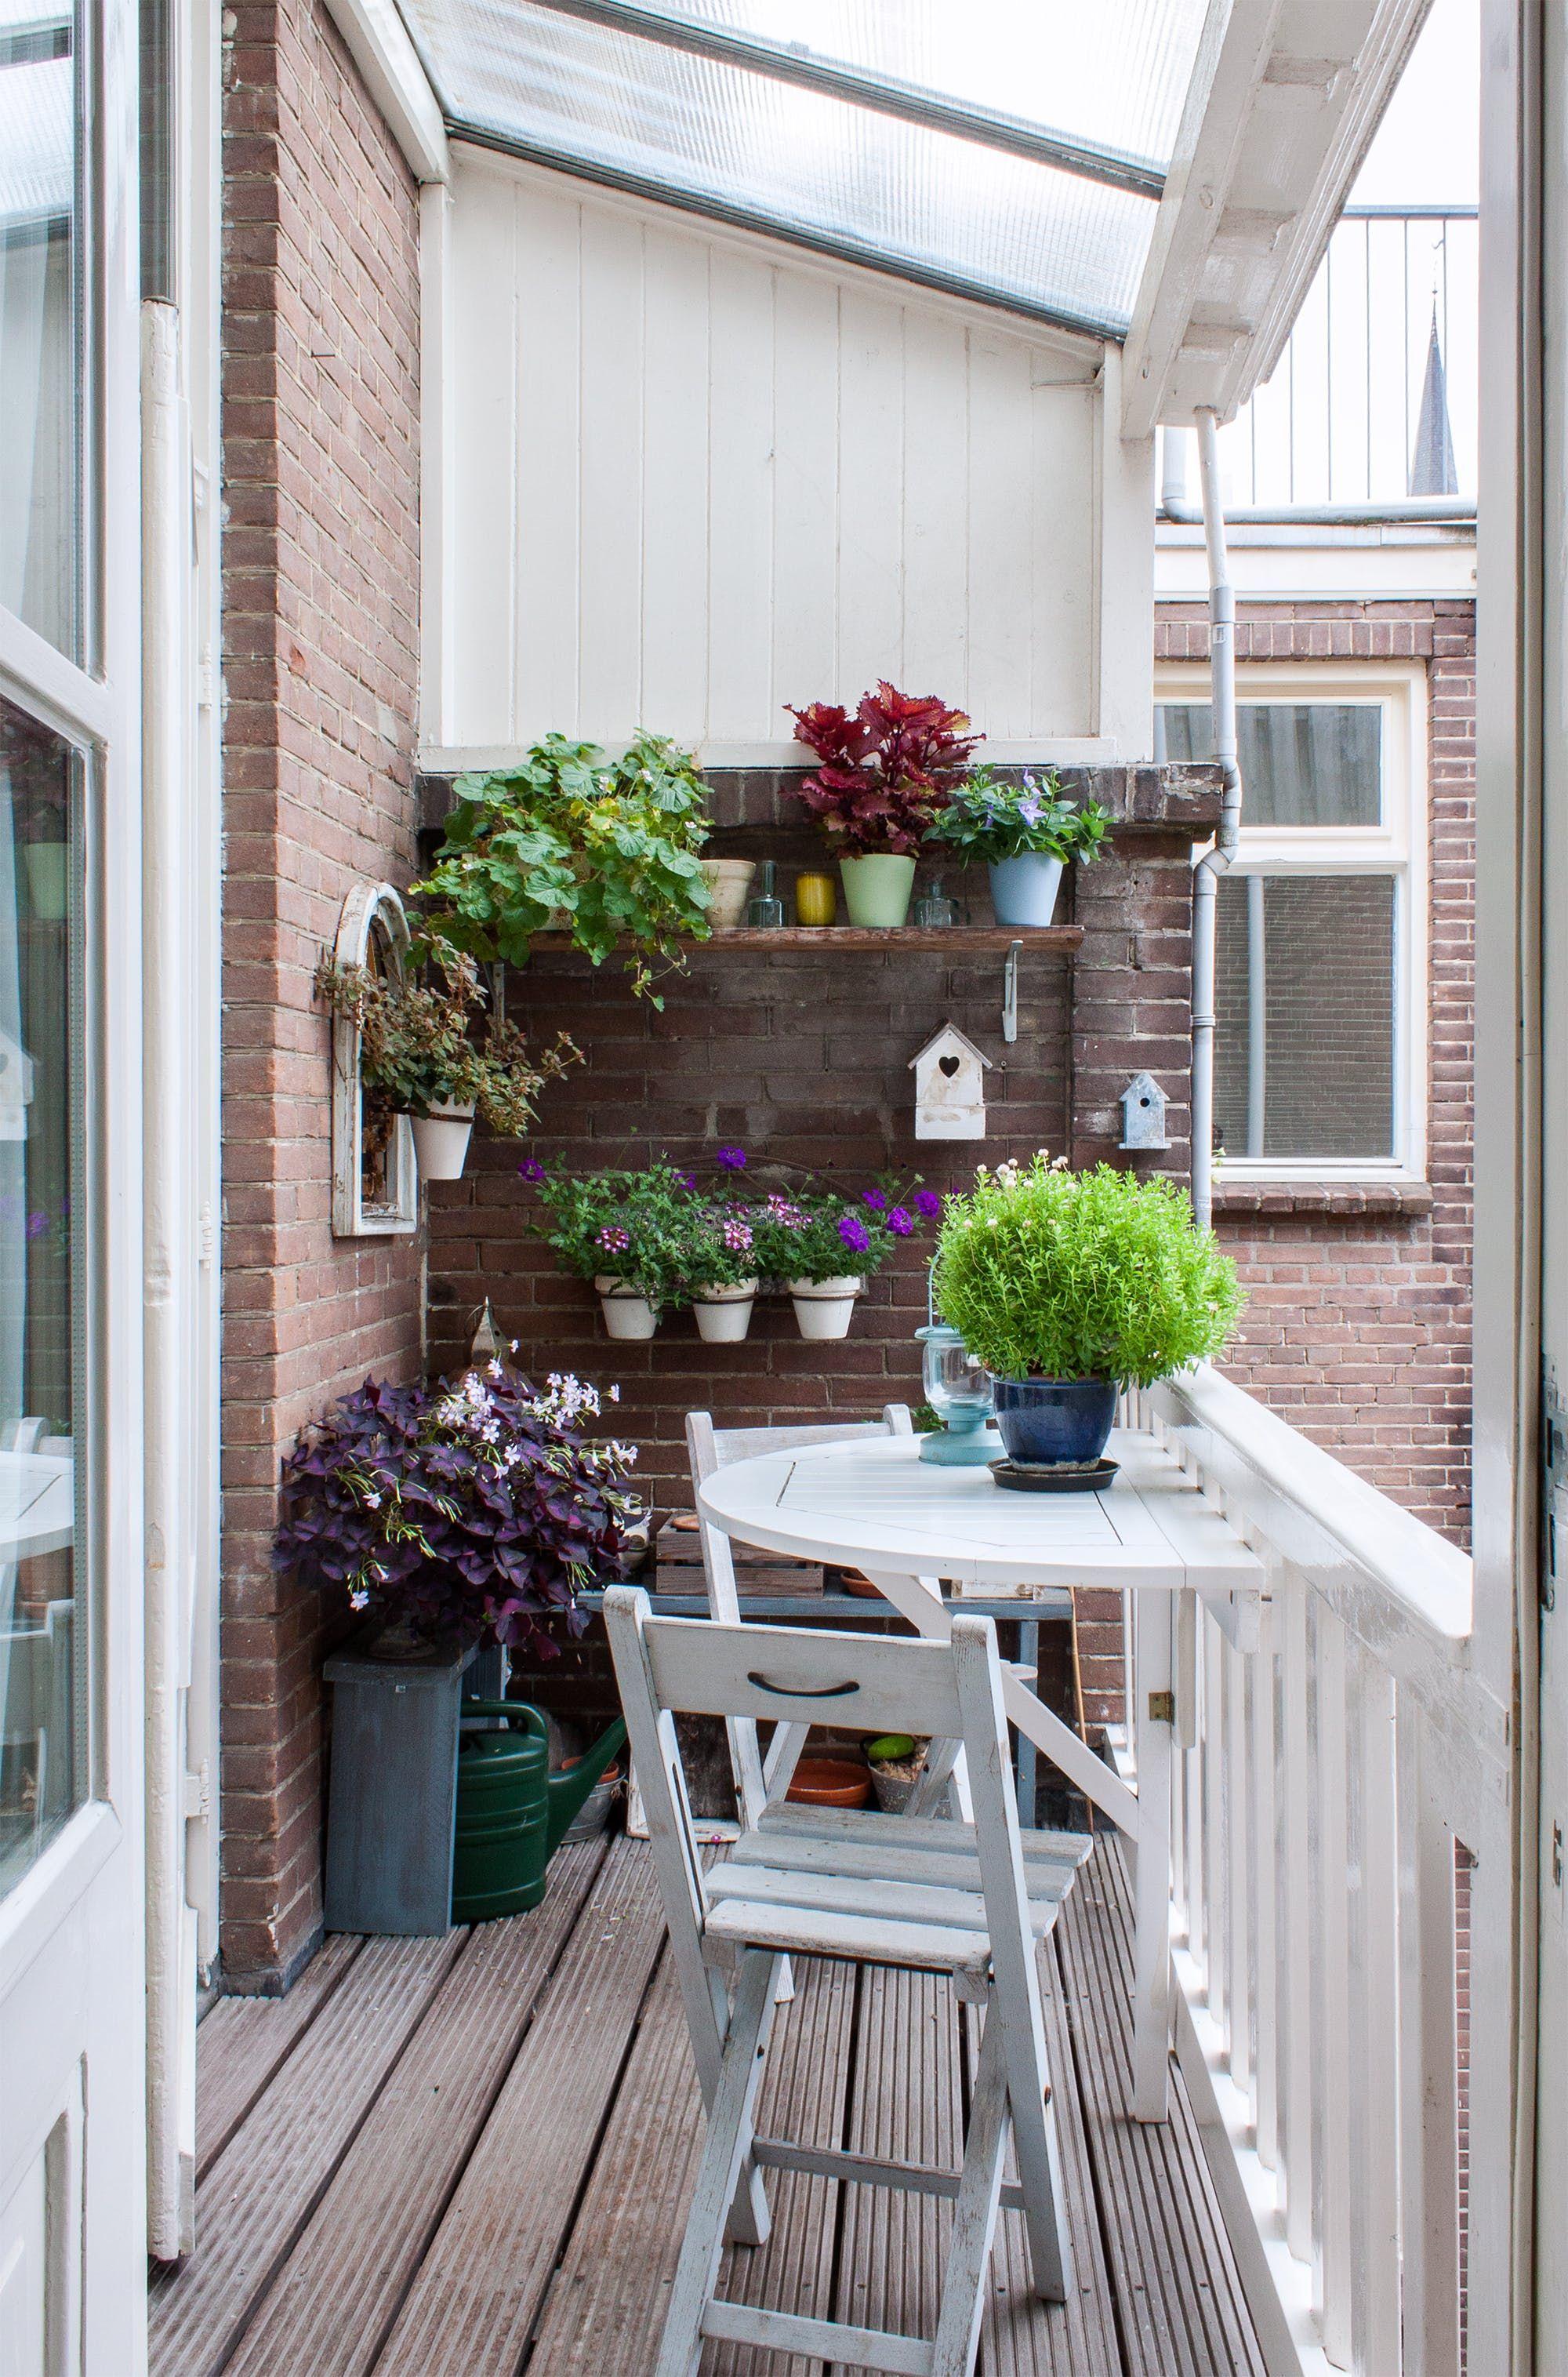 An Xxl Cross Stitch Artist S Vibrant Dutch Home Balkon Kert